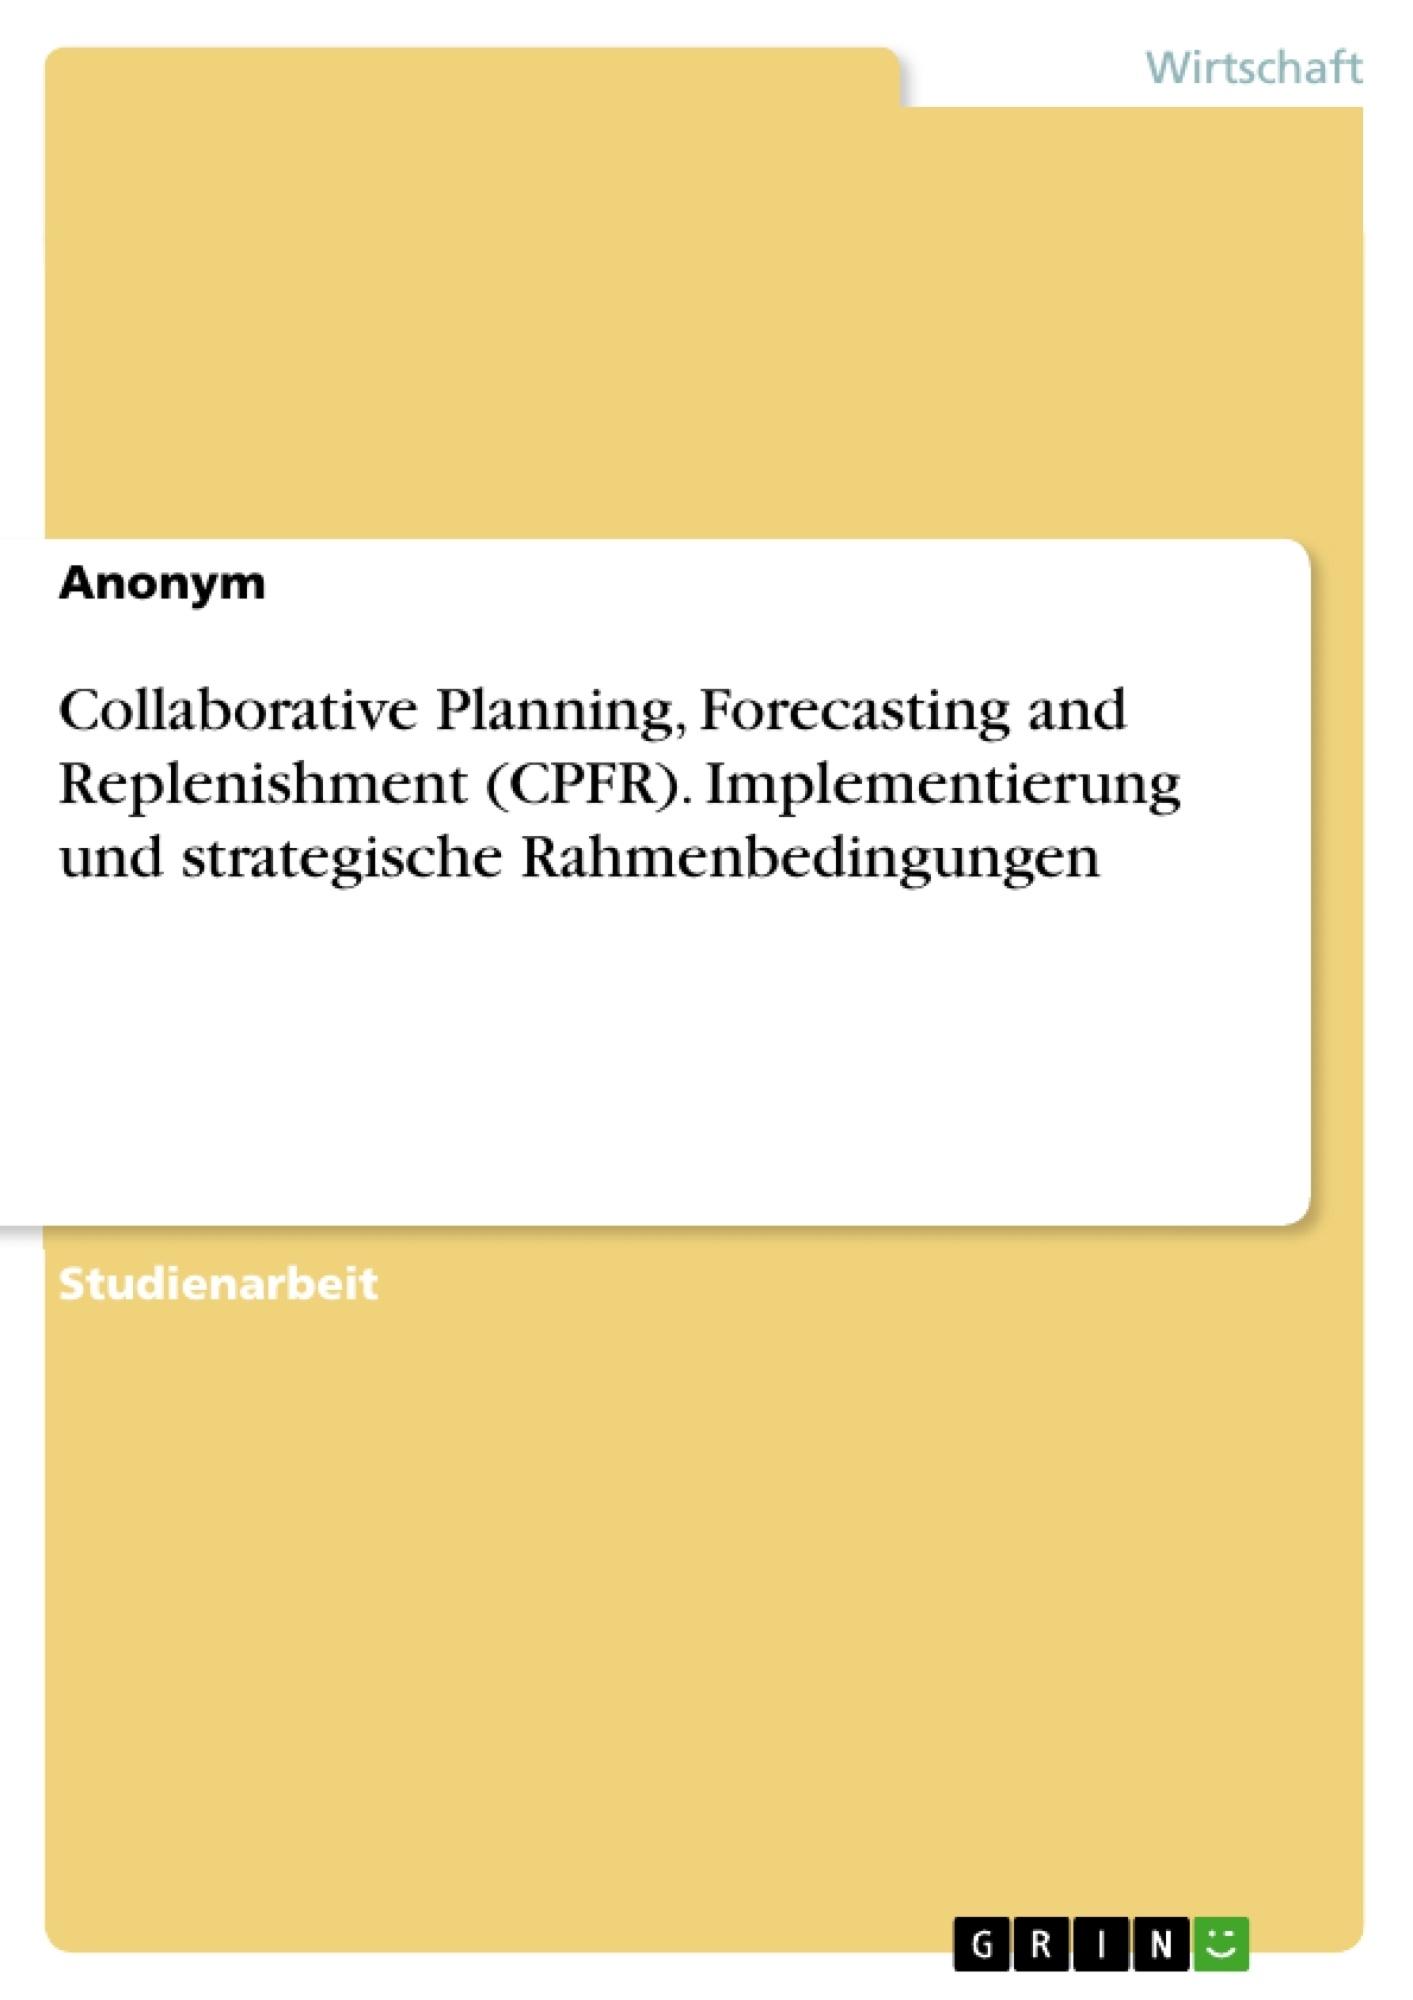 Titel: Collaborative Planning, Forecasting and Replenishment (CPFR). Implementierung und strategische Rahmenbedingungen